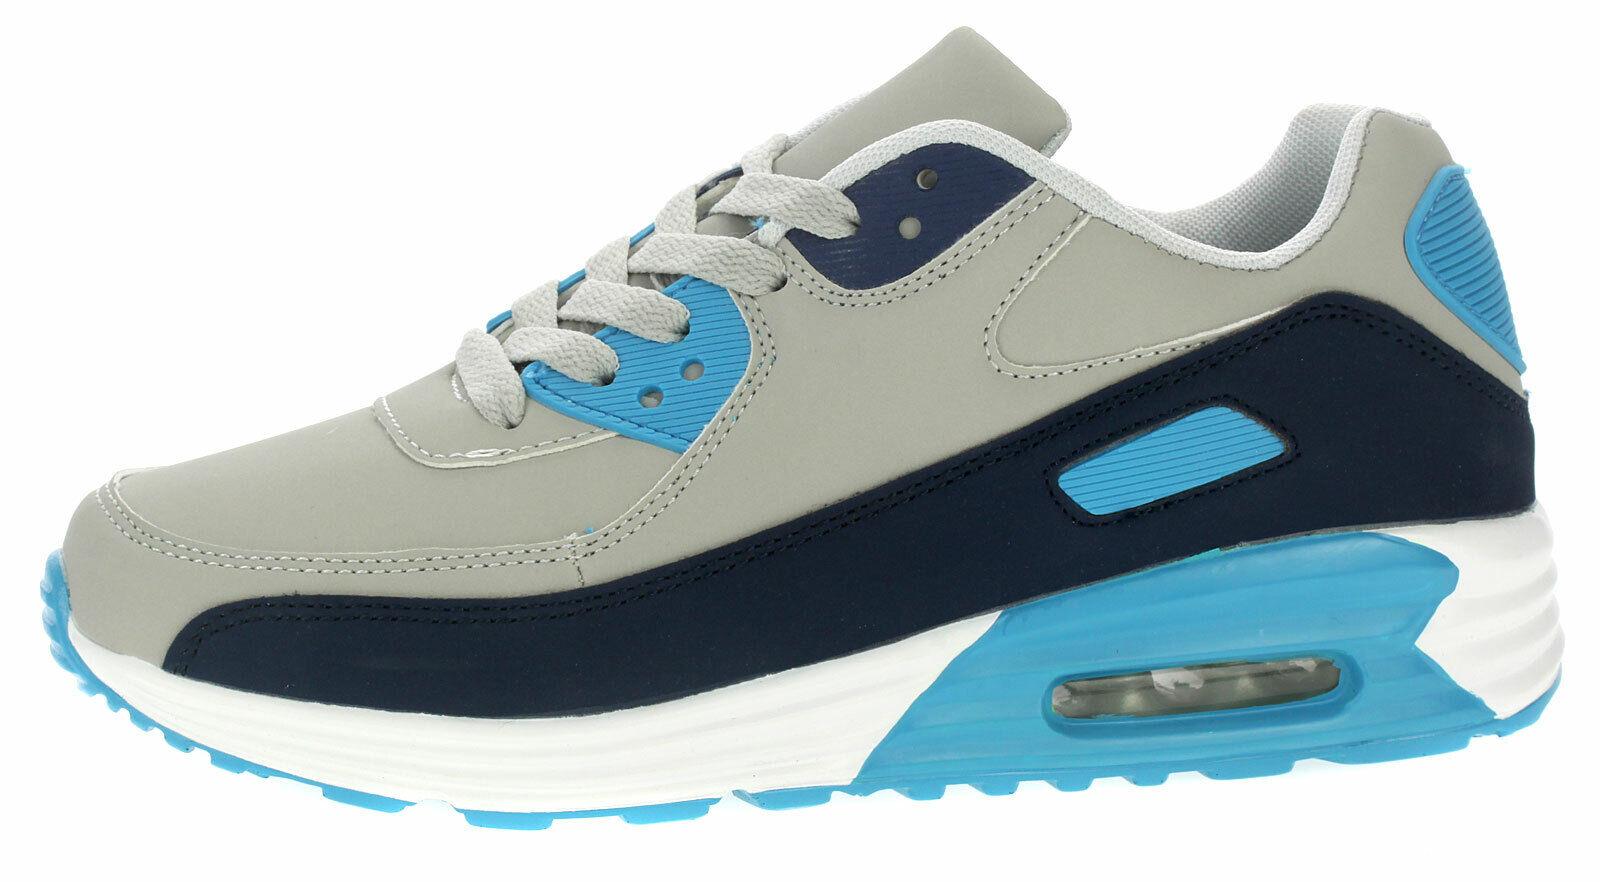 15. grau-blau-navy